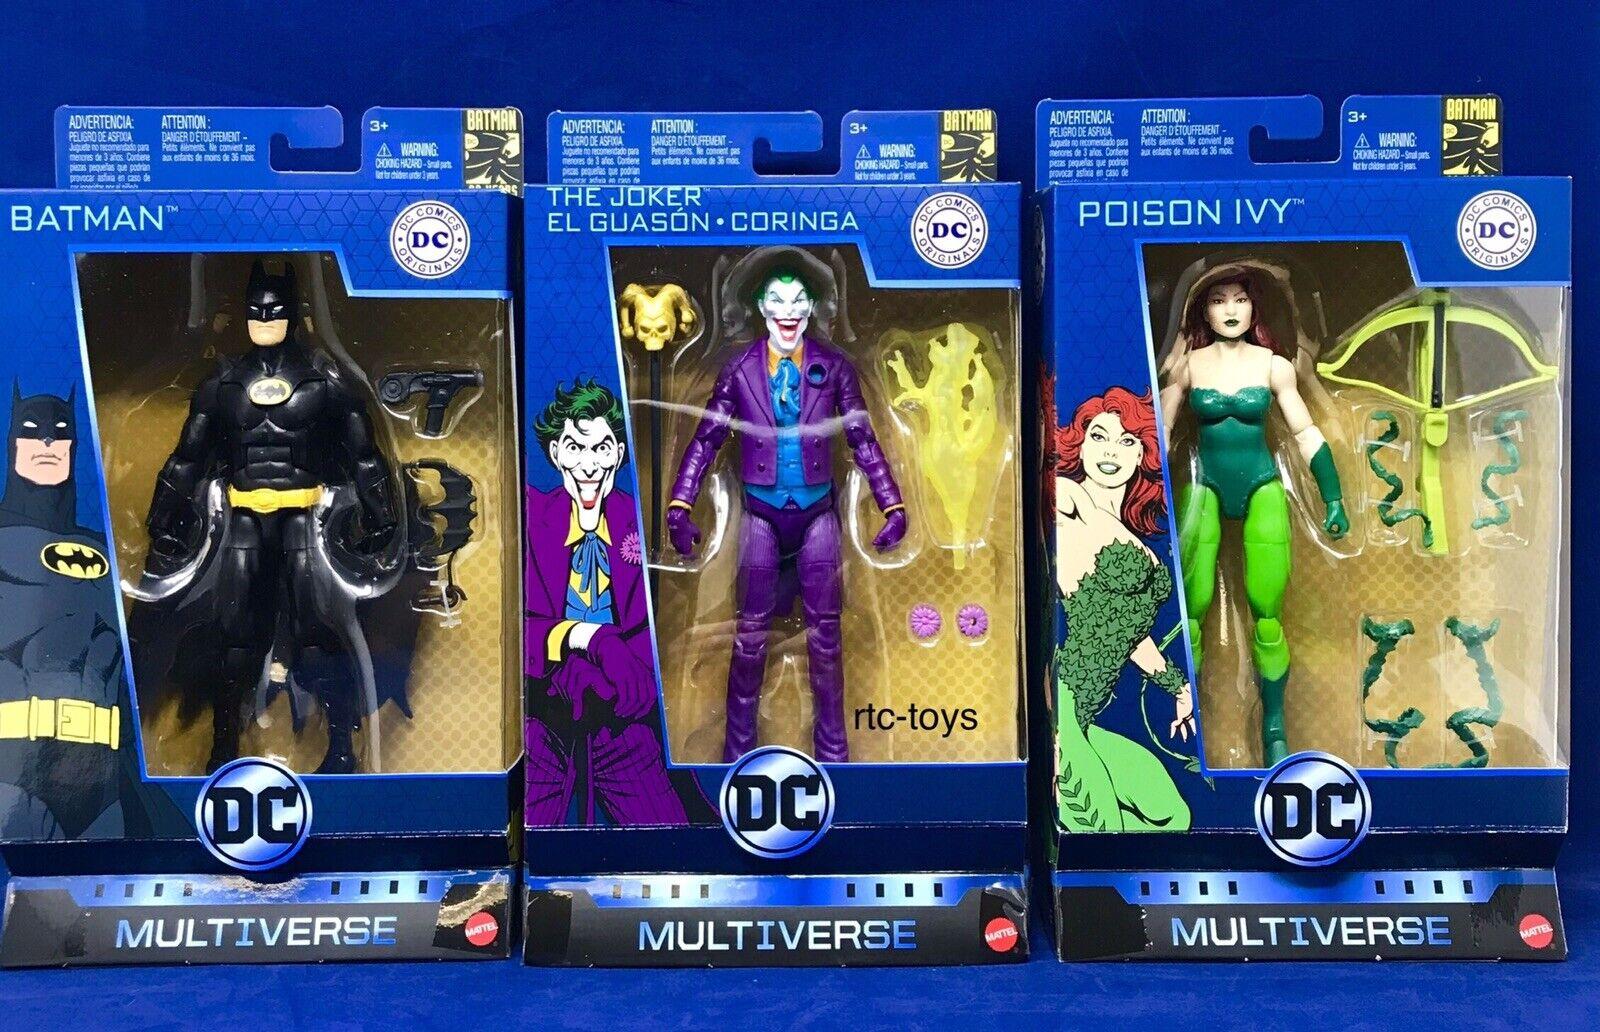 DC Multiverse Originals  80th Batuomo Joker Poison Ivy Set Of 3 cifras nuovo Mattel  articoli promozionali